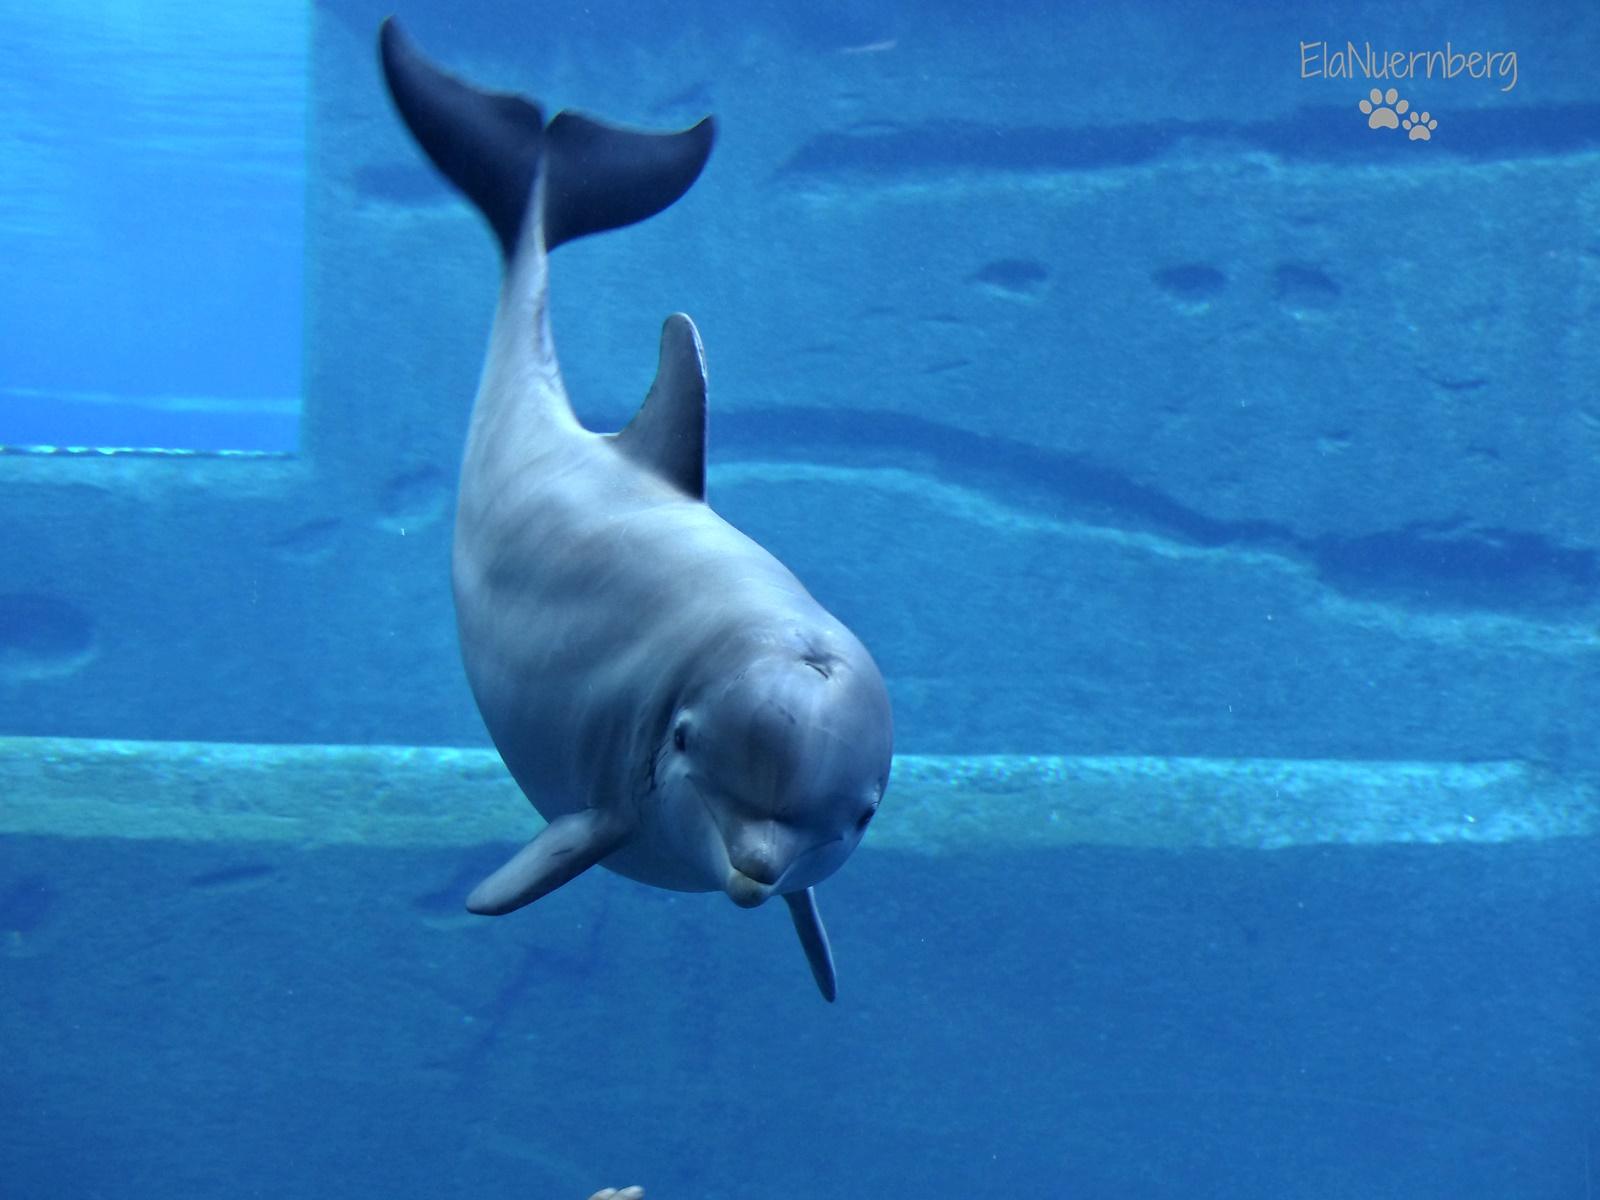 Happy Birthday! - Delphin NAMI - 20.07.2015 - Tiergarten Nürnberg